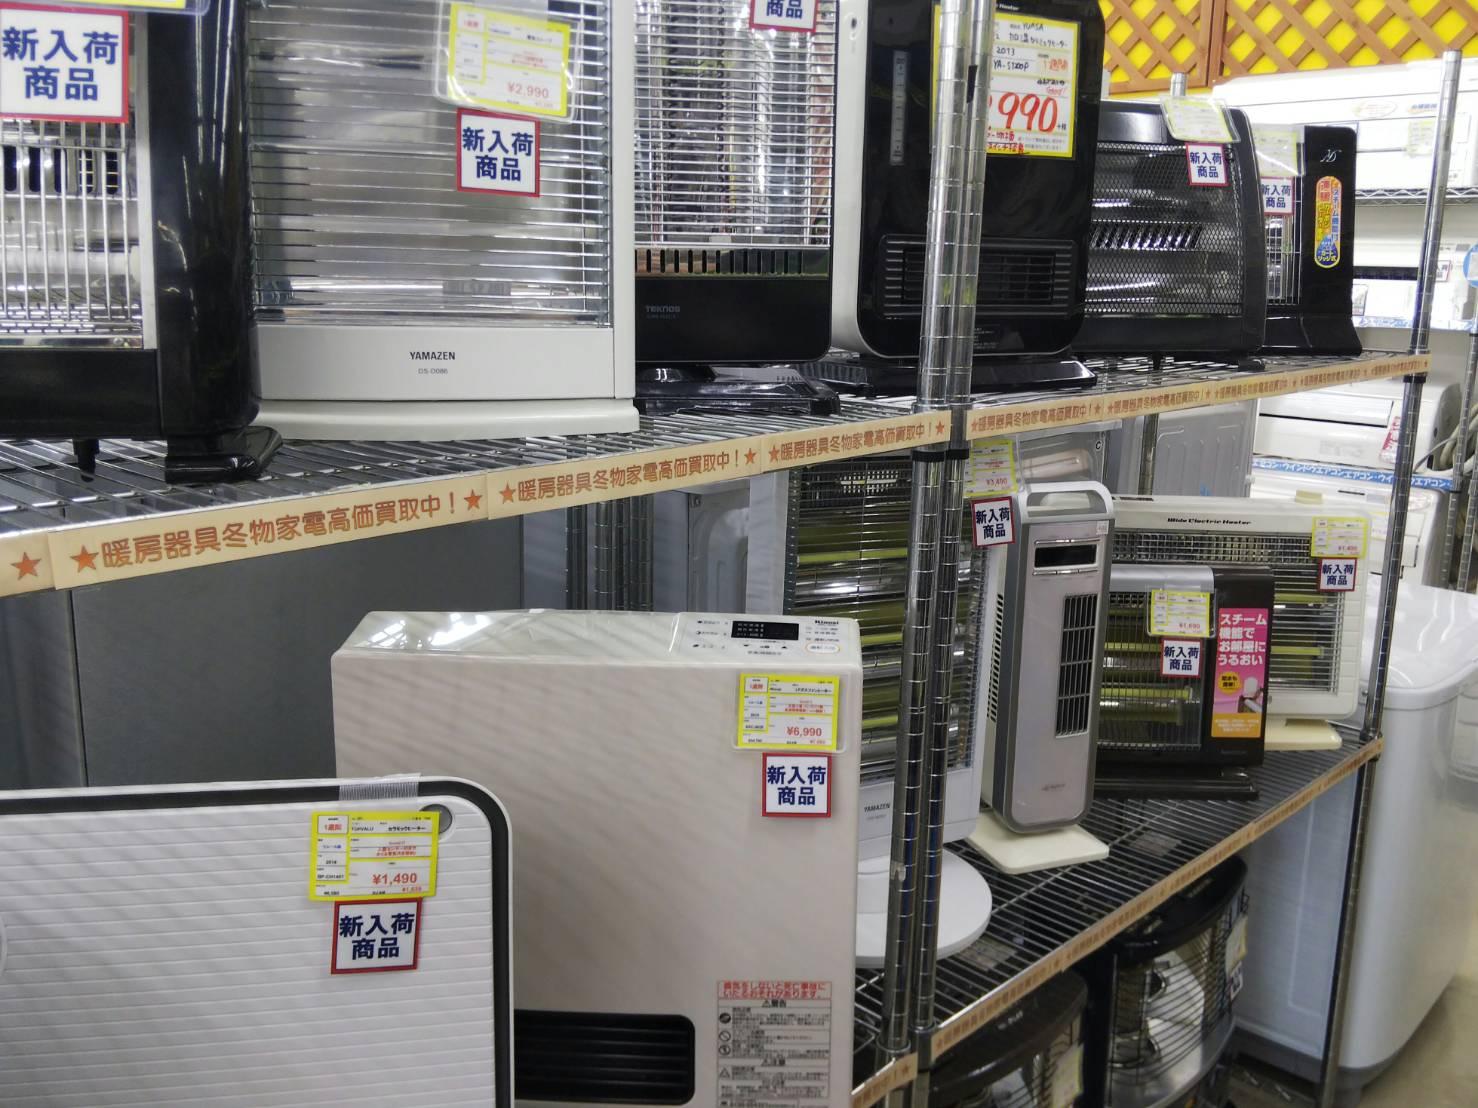 「冬物家電、あり〼。」暖房、ヒーターをお求めならリサイクルマートへ!